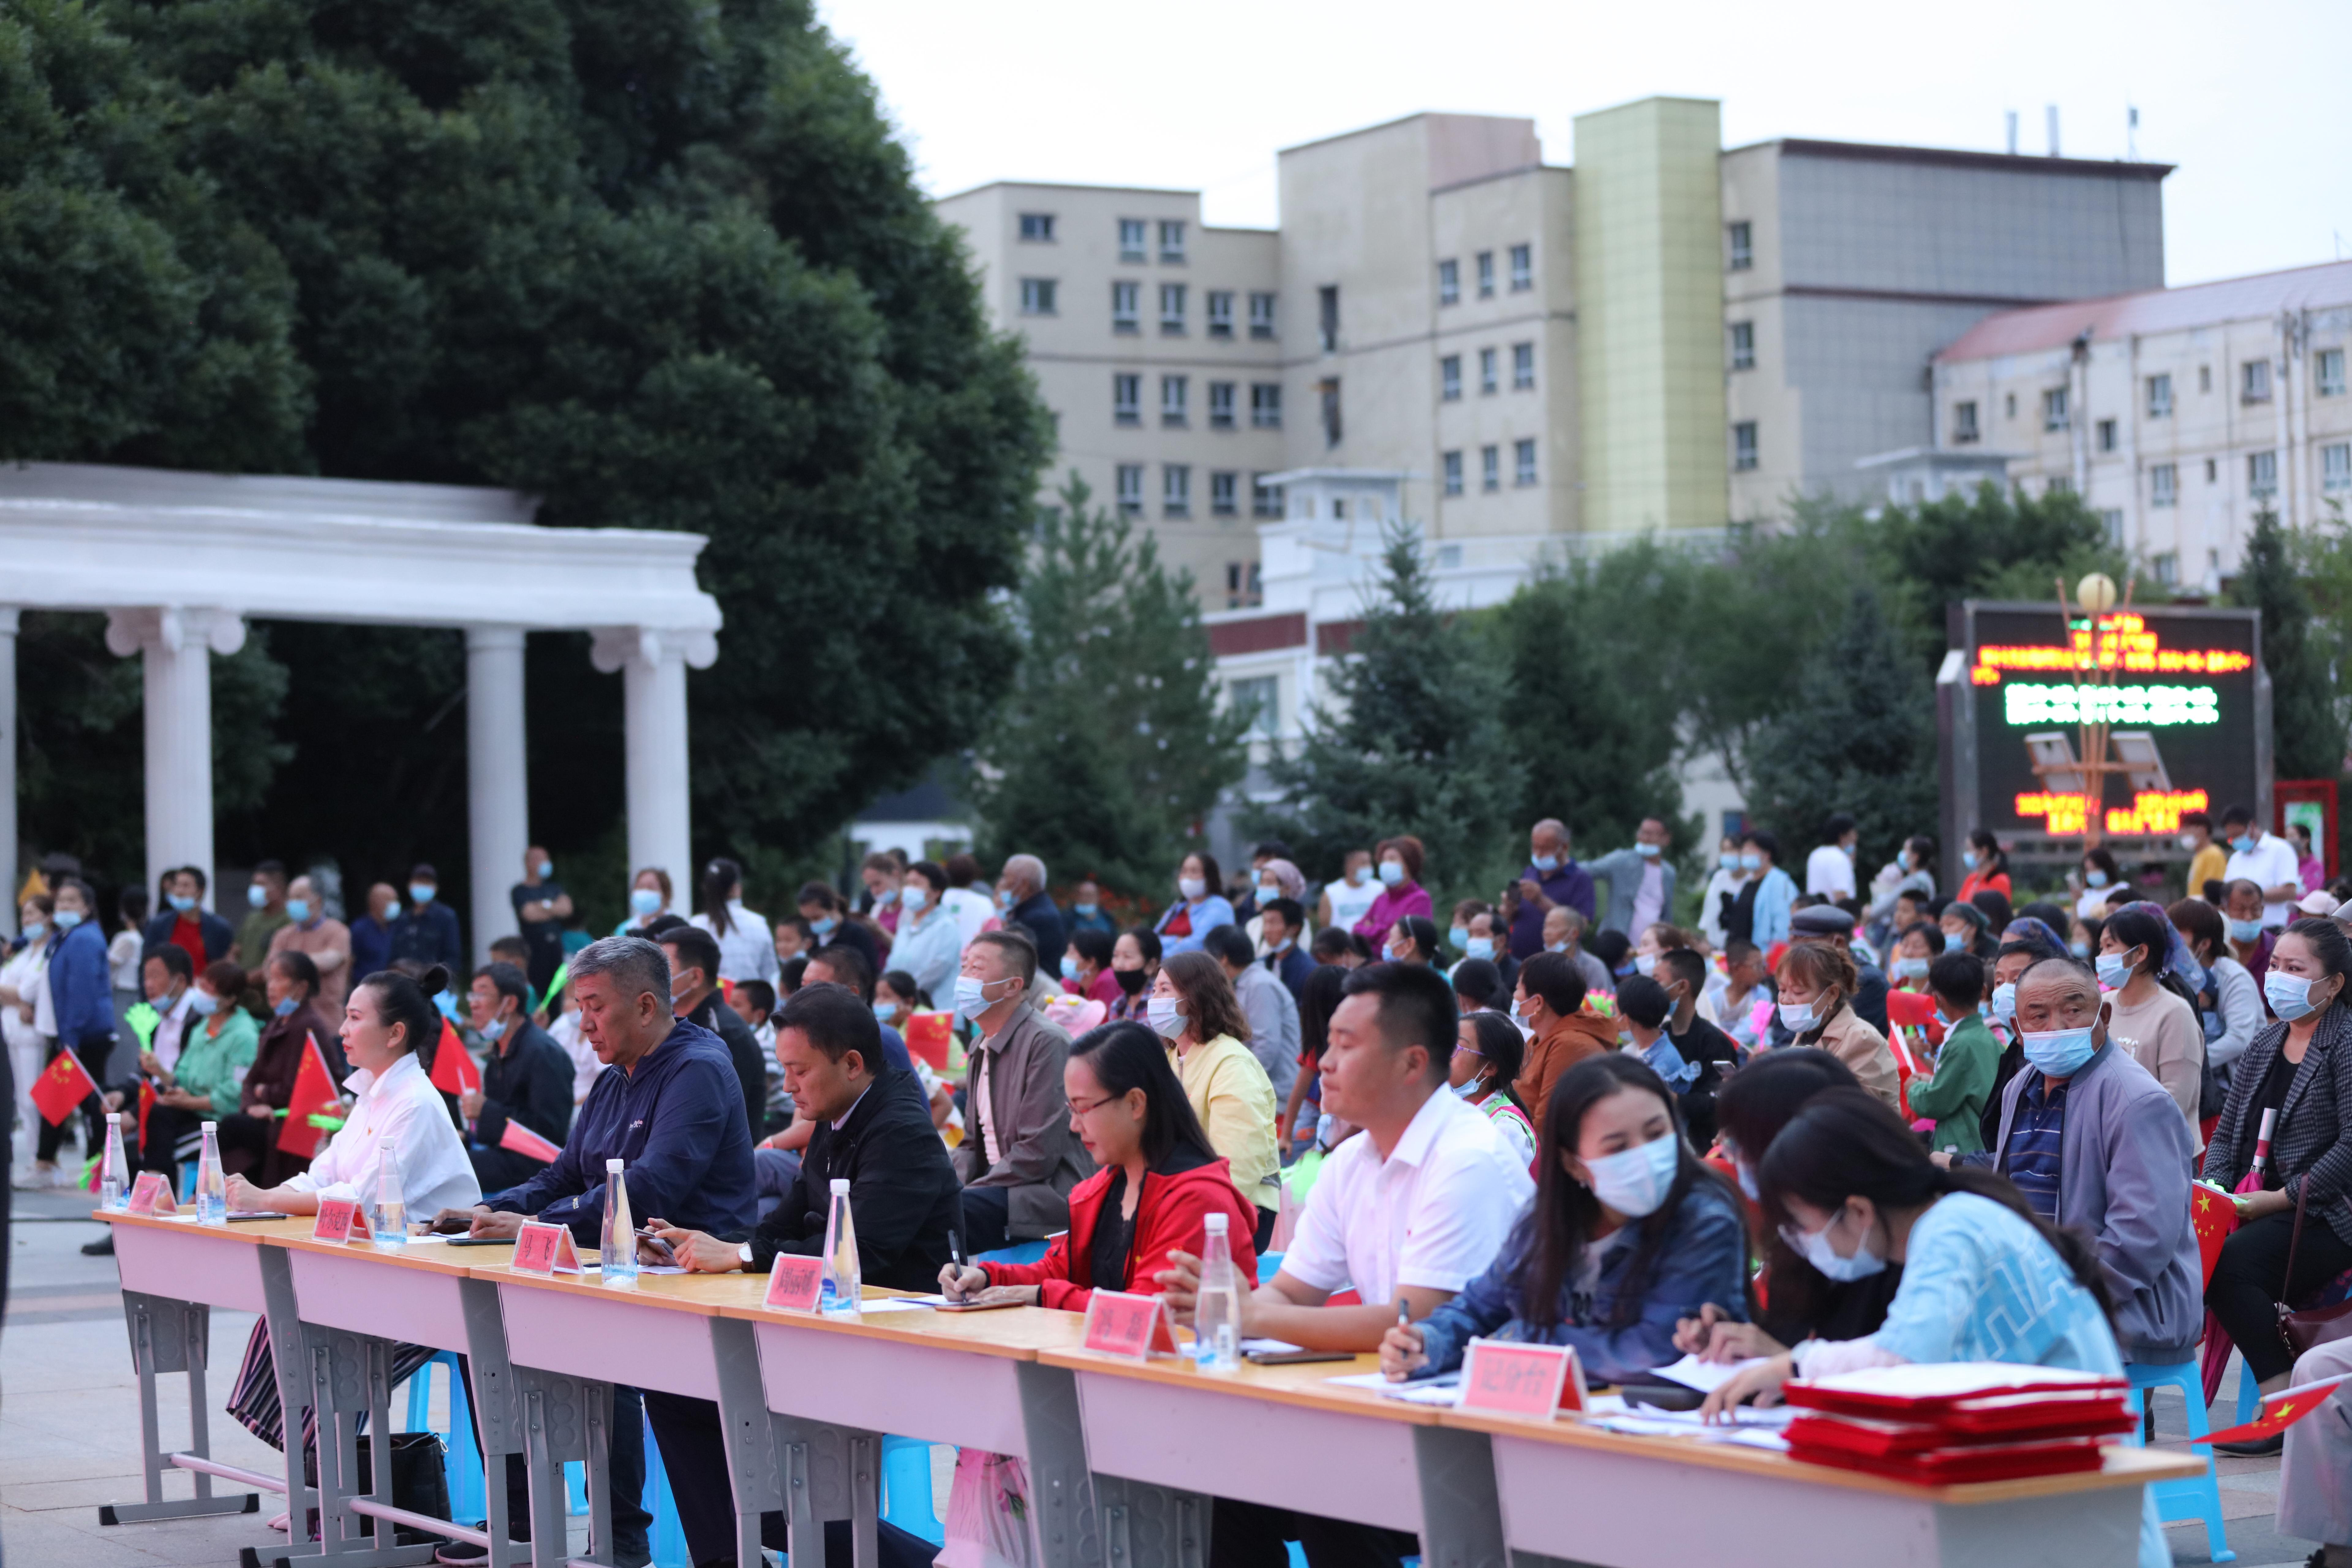 新疆温泉:举办首届歌王挑战赛,唱幸福生活,10人获奖